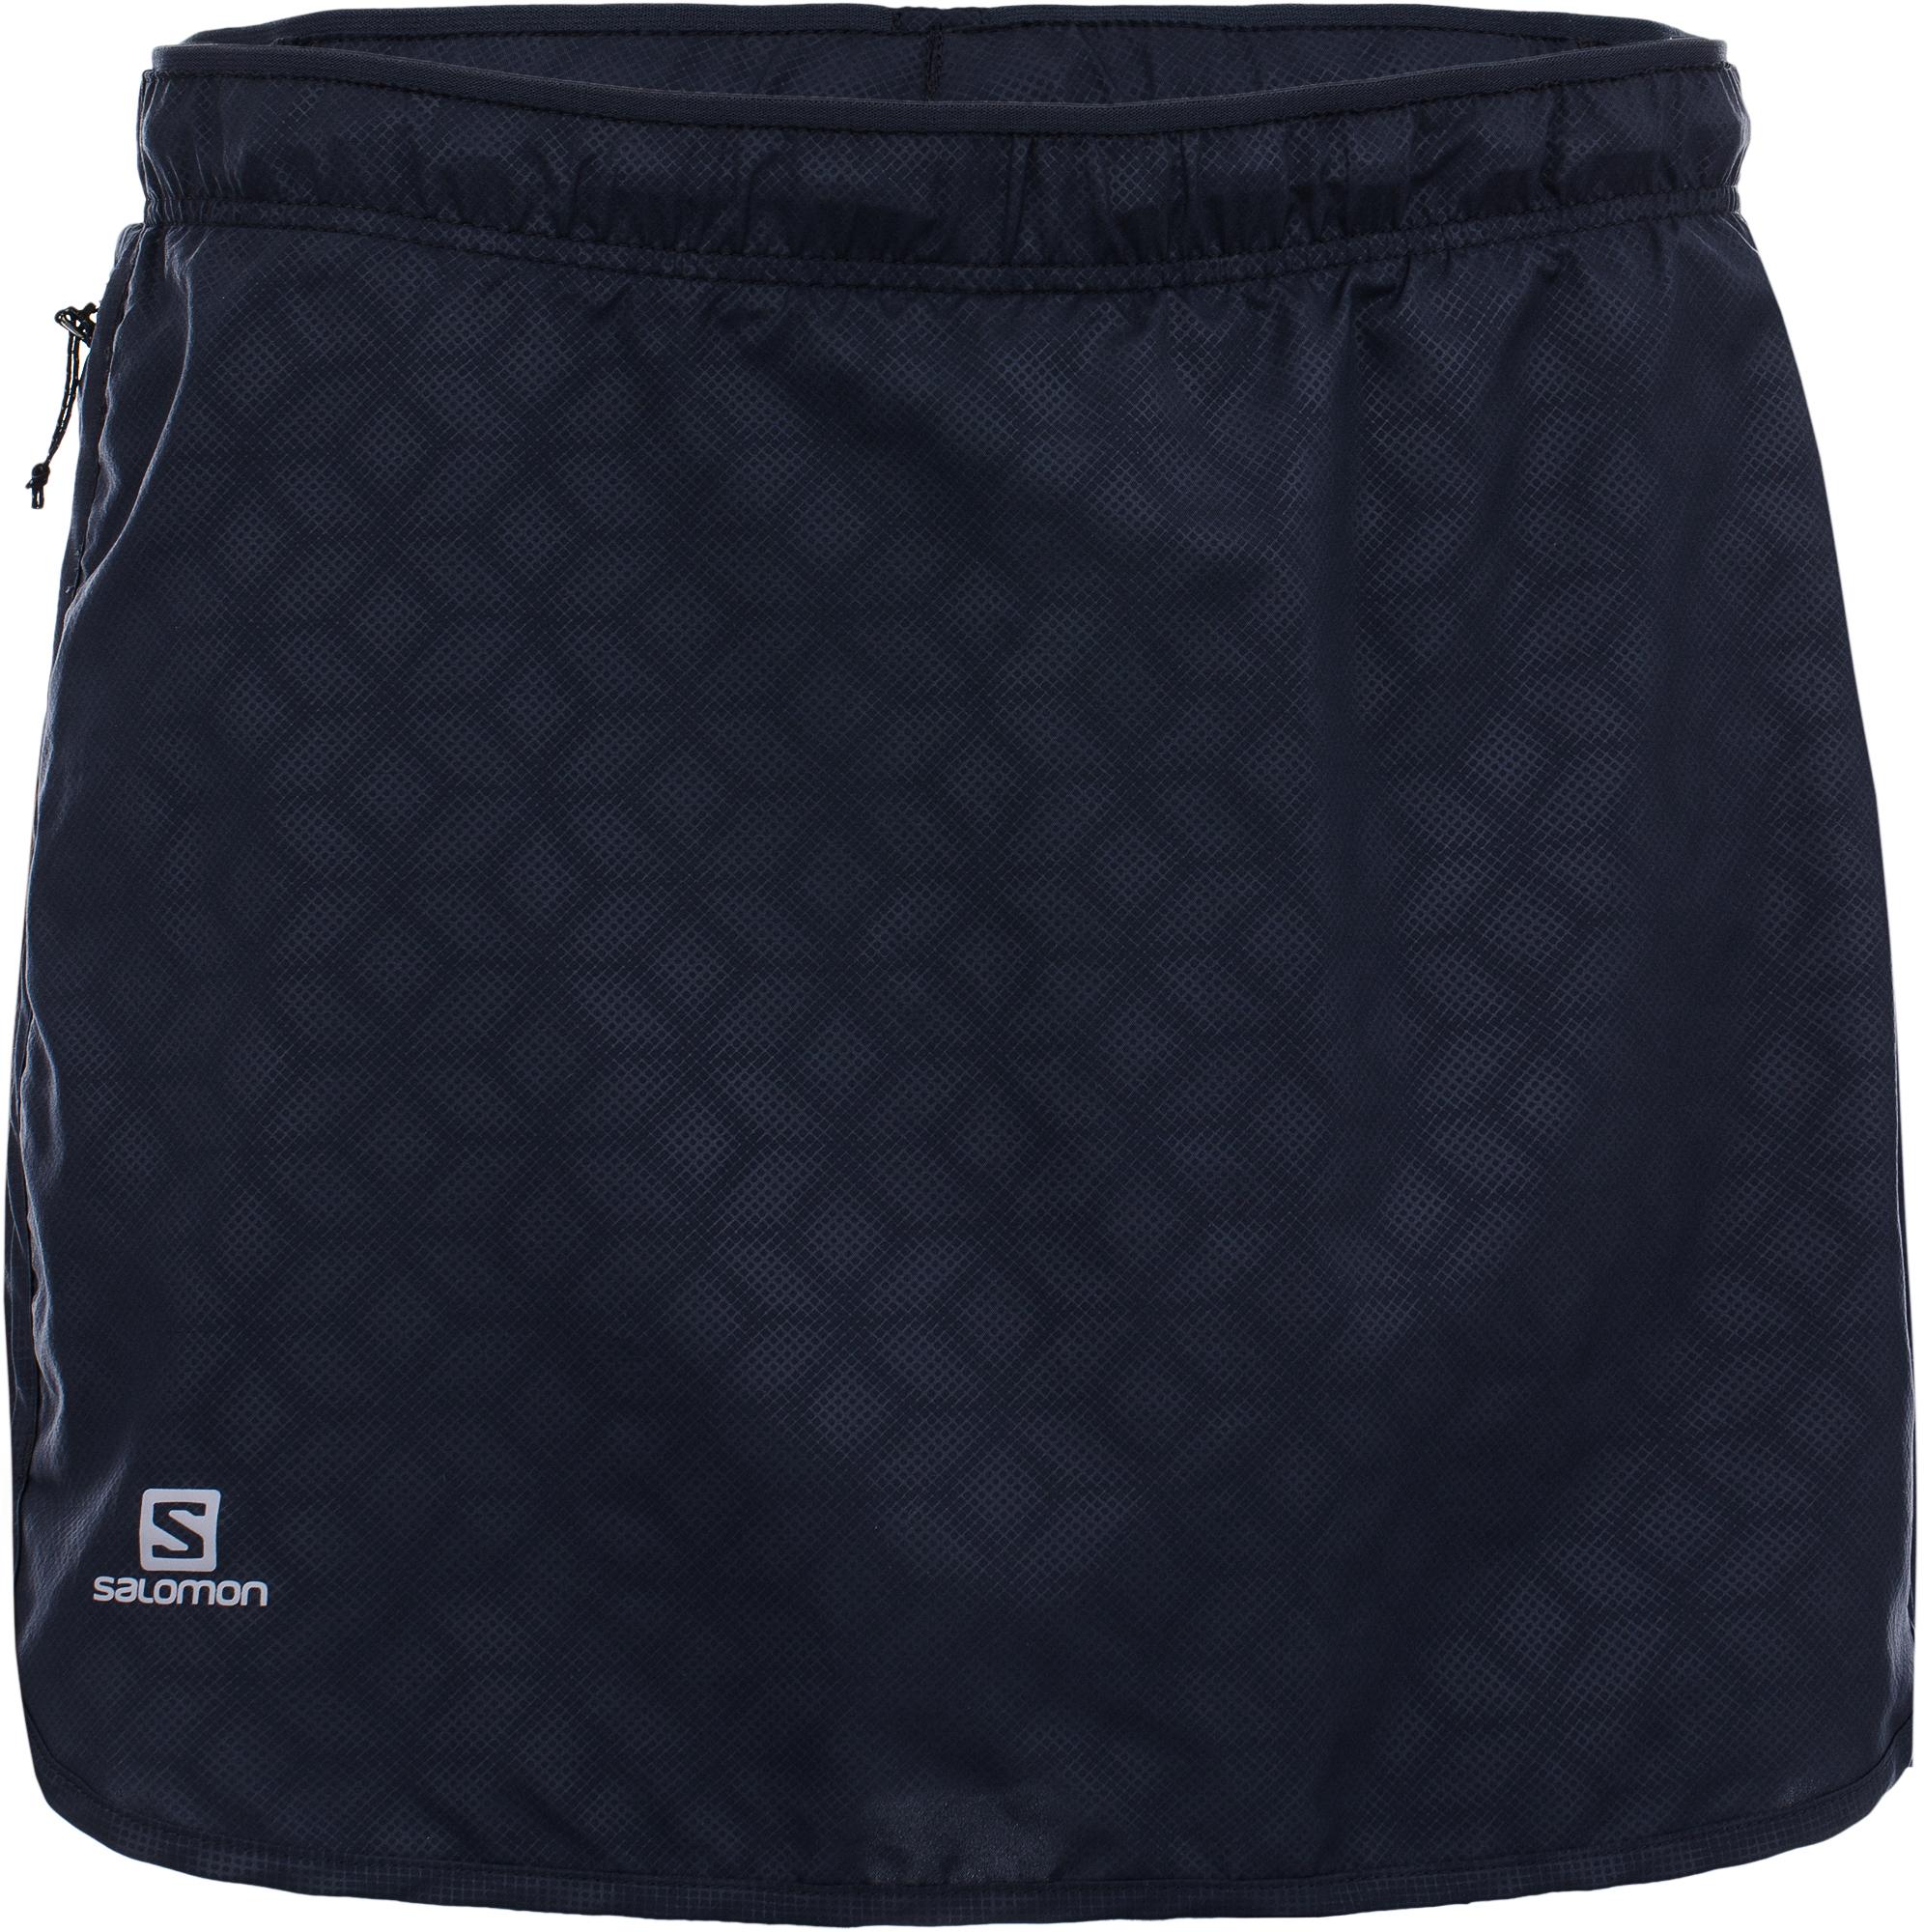 Salomon Юбка-шорты женская Agile, размер 48-50